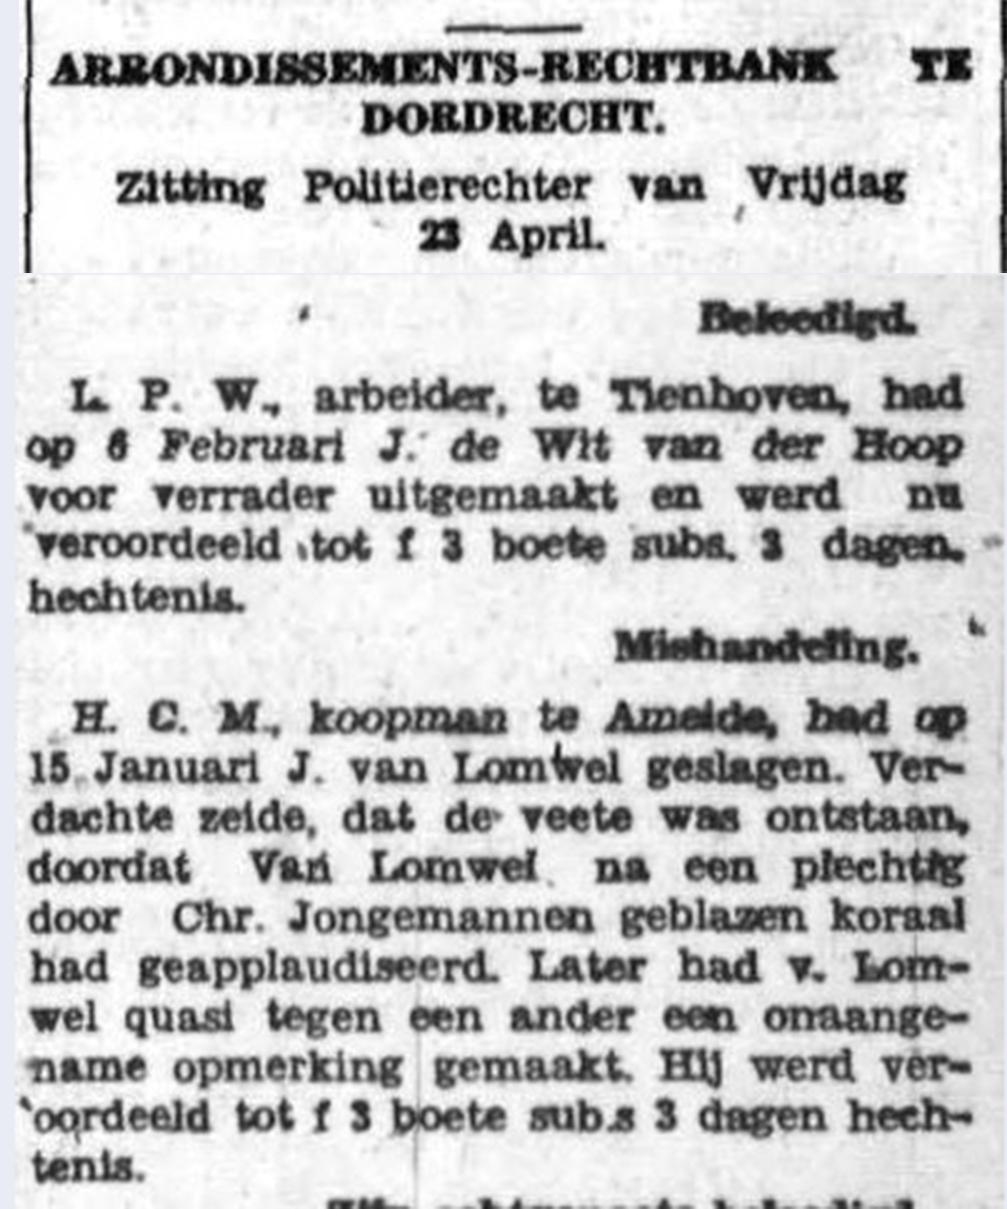 schoonhovensche-courant-06801-1937-04-26-artikel-01